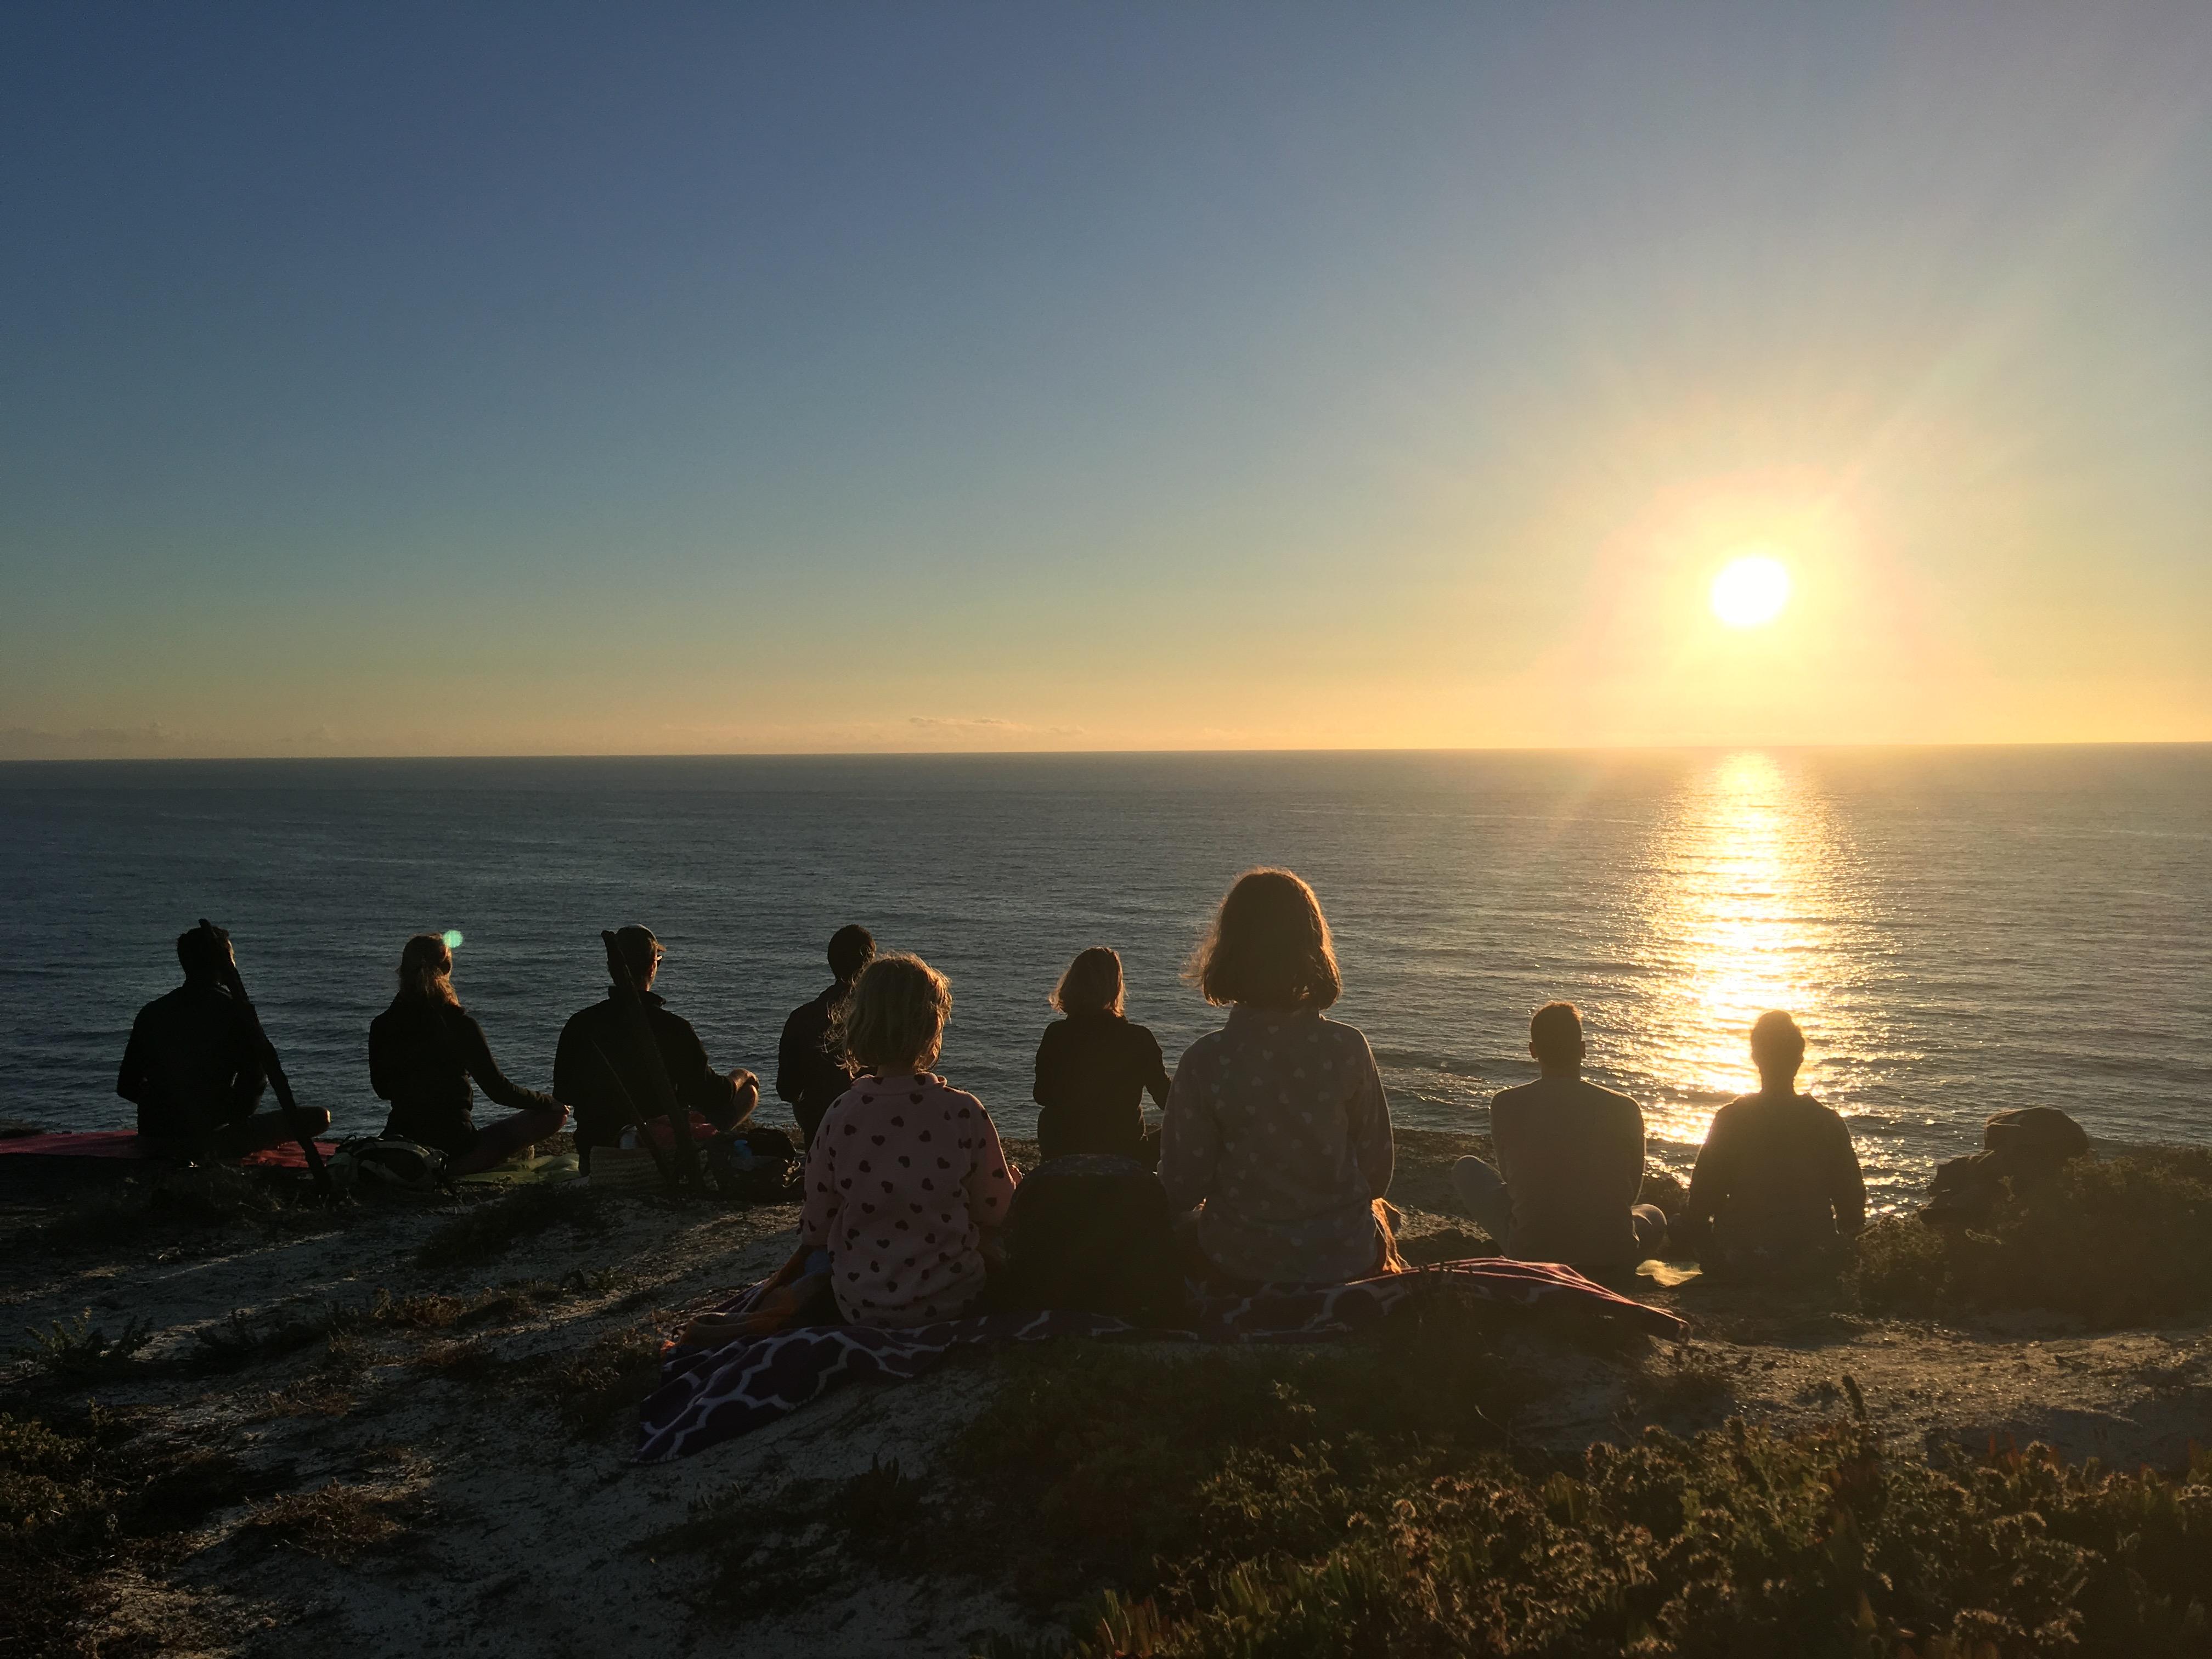 Meditation with the sunset - powerful & awakening